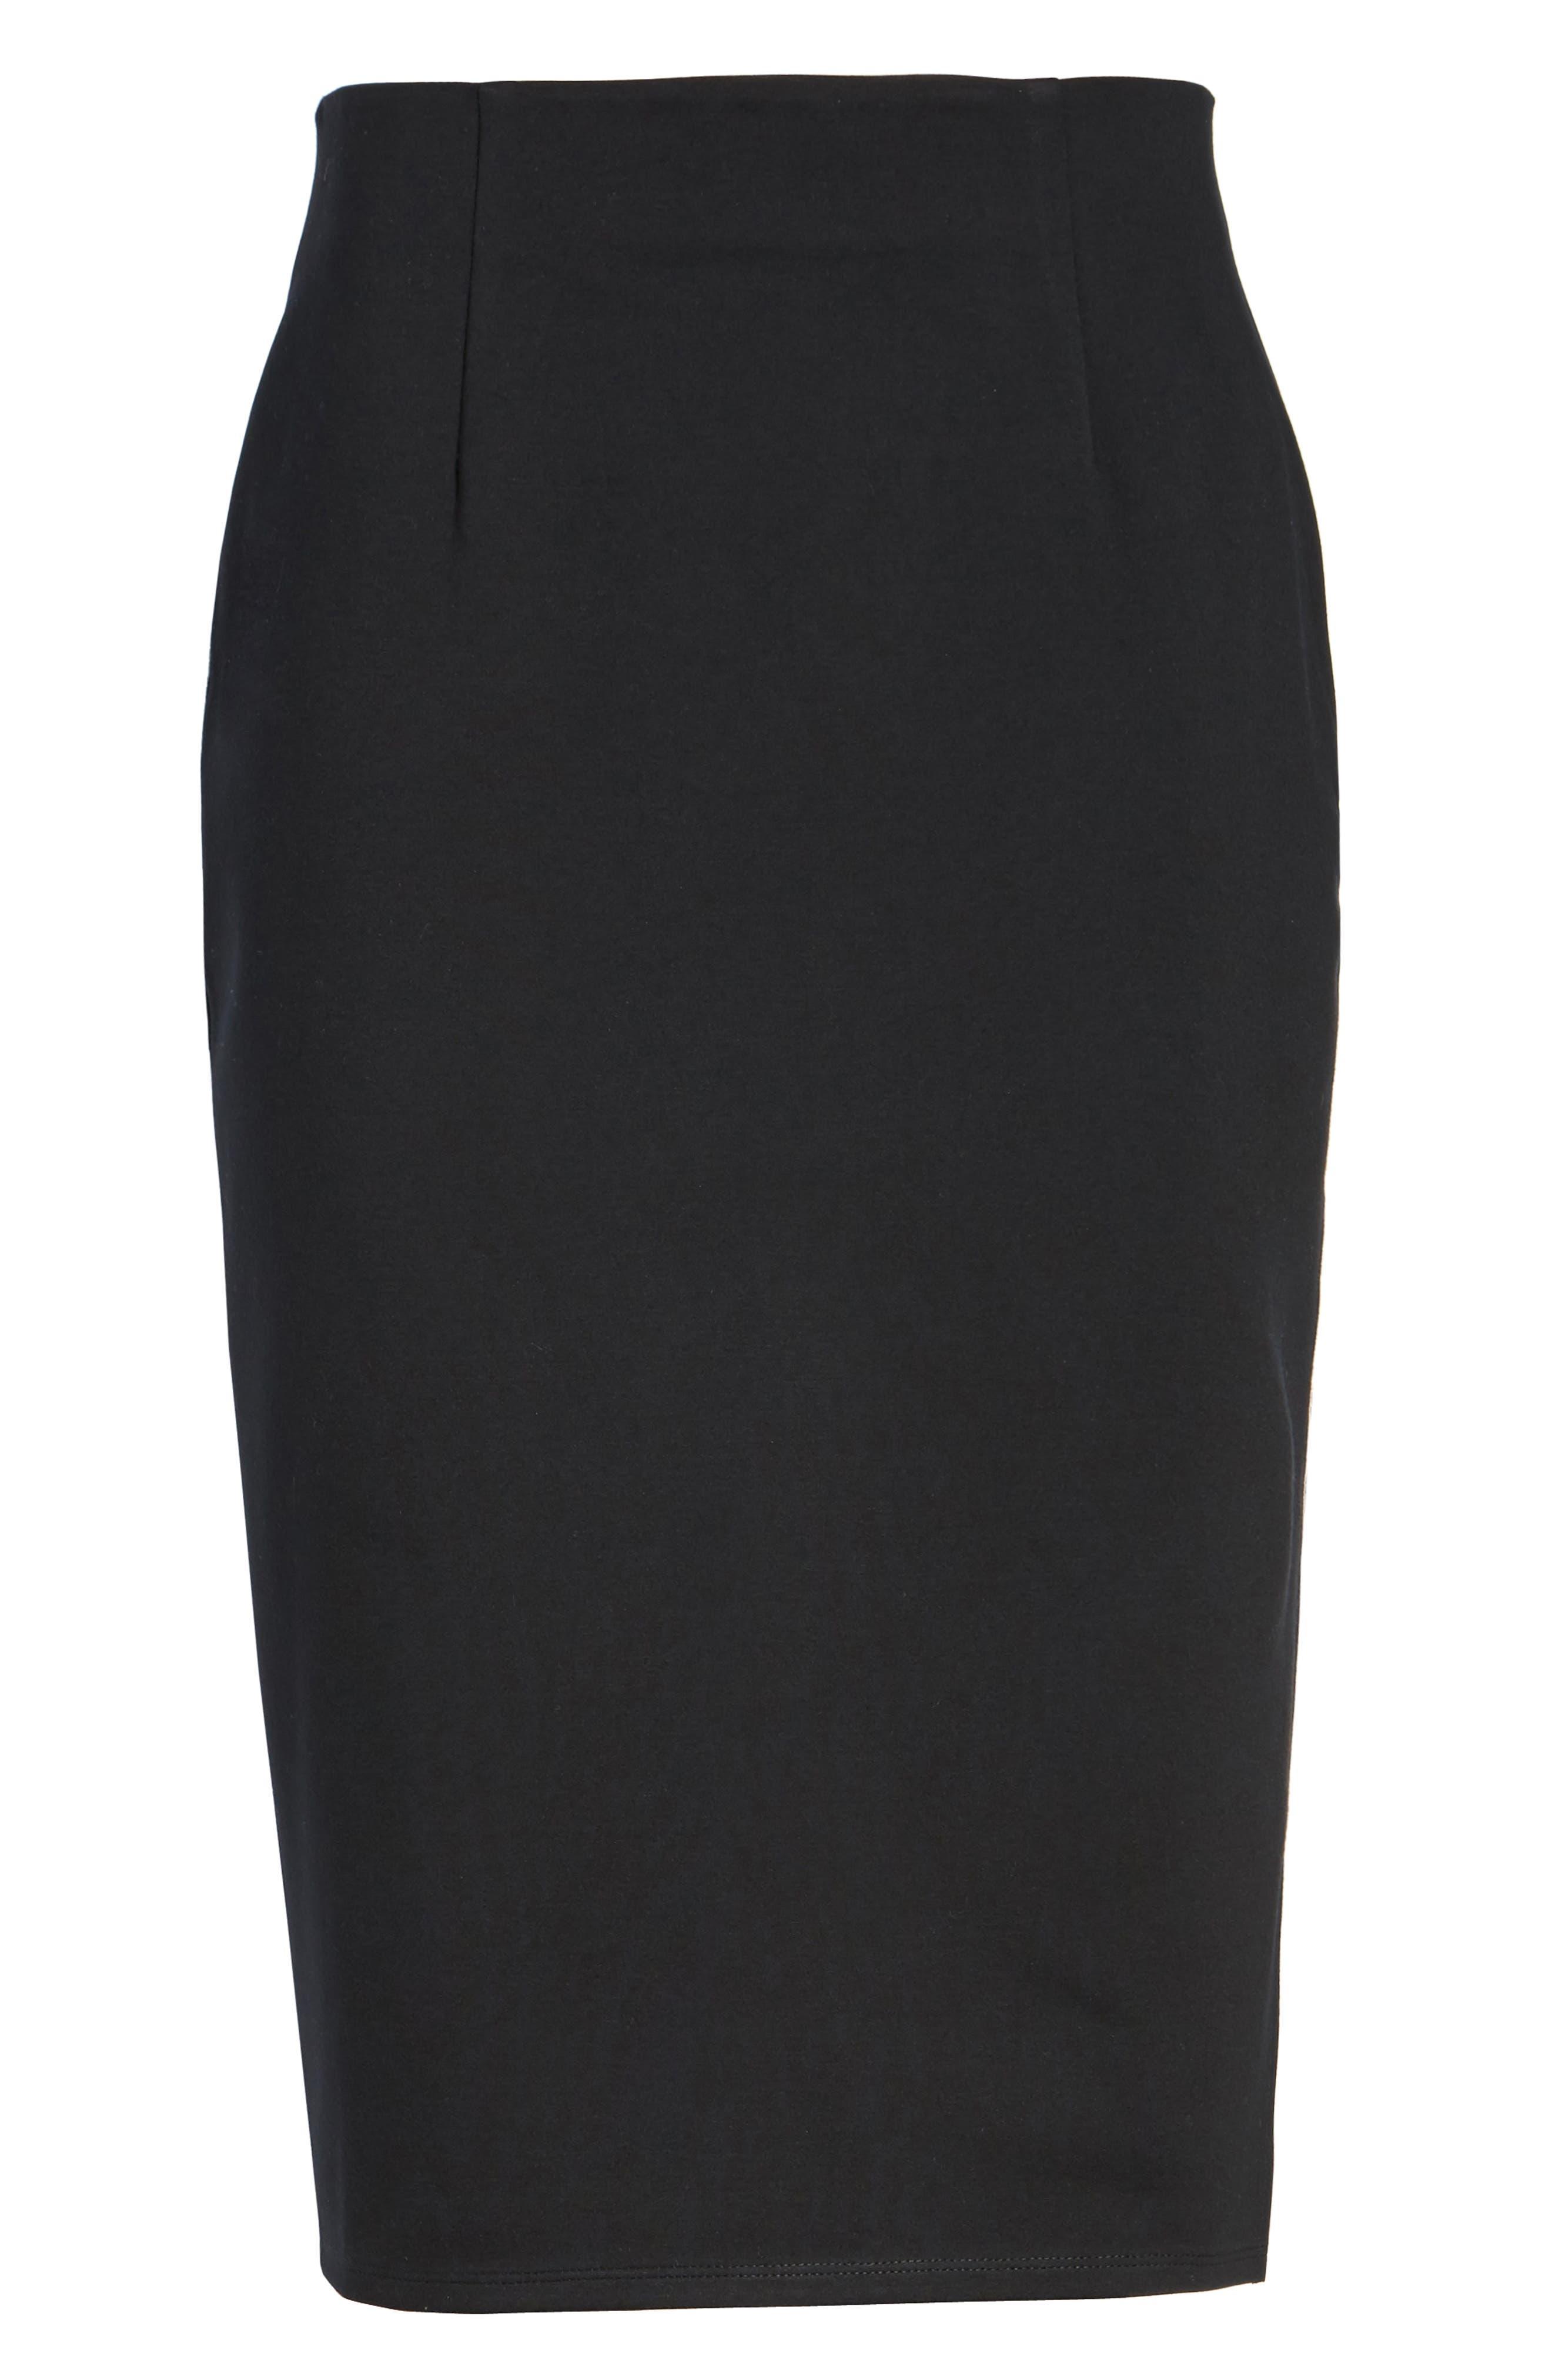 High Waist Knit Skirt,                             Alternate thumbnail 6, color,                             Black